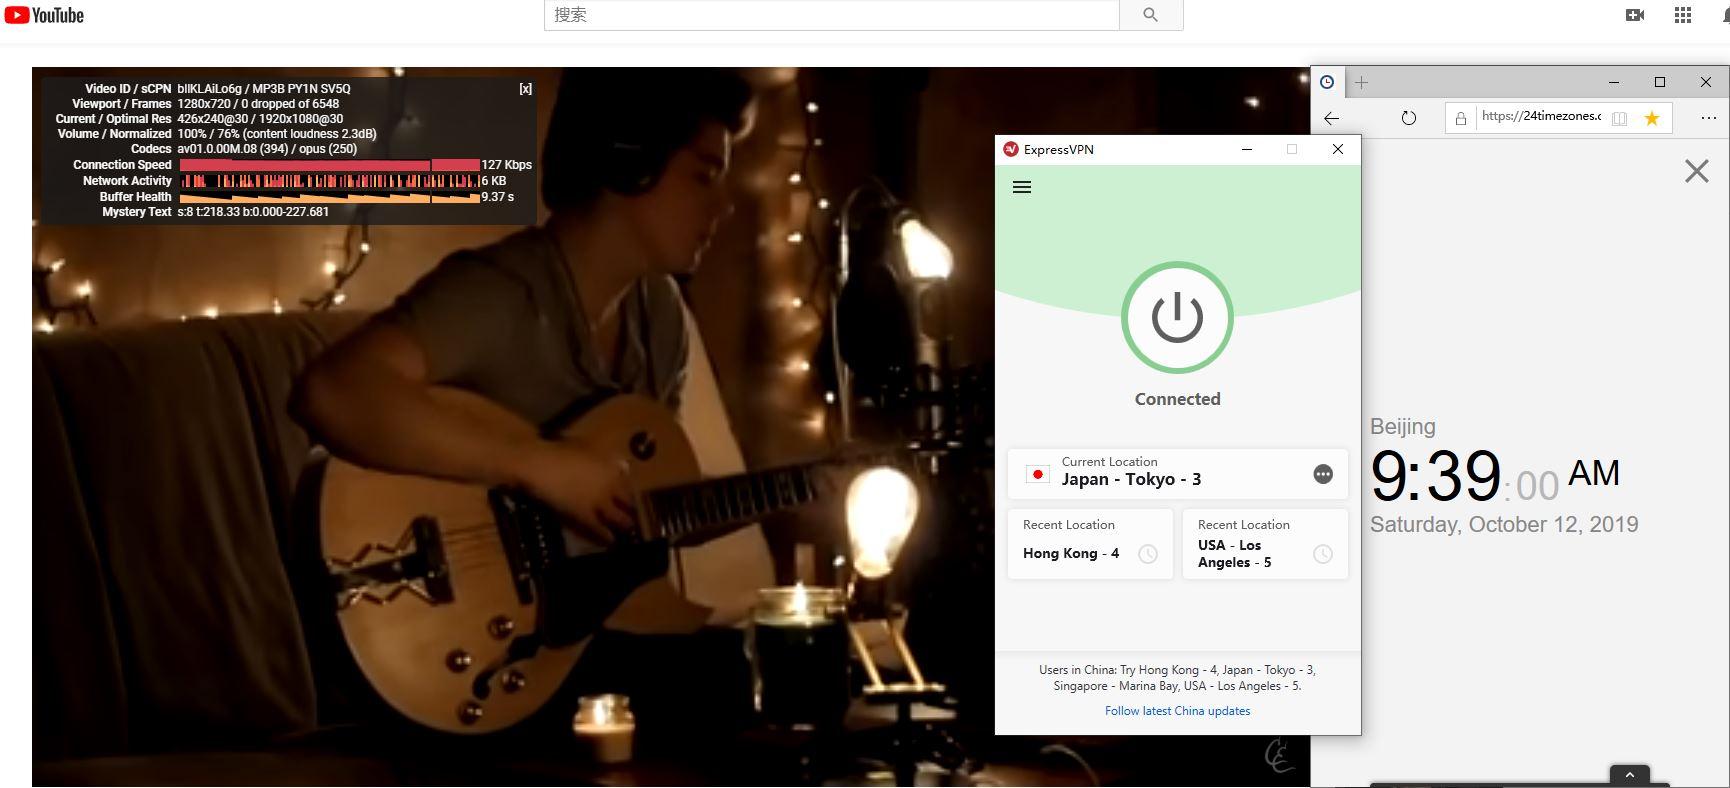 Windows ExpressVPN Japan- Tokyo -3 中国VPN翻墙 科学上网 YouTube测速 - 20191012